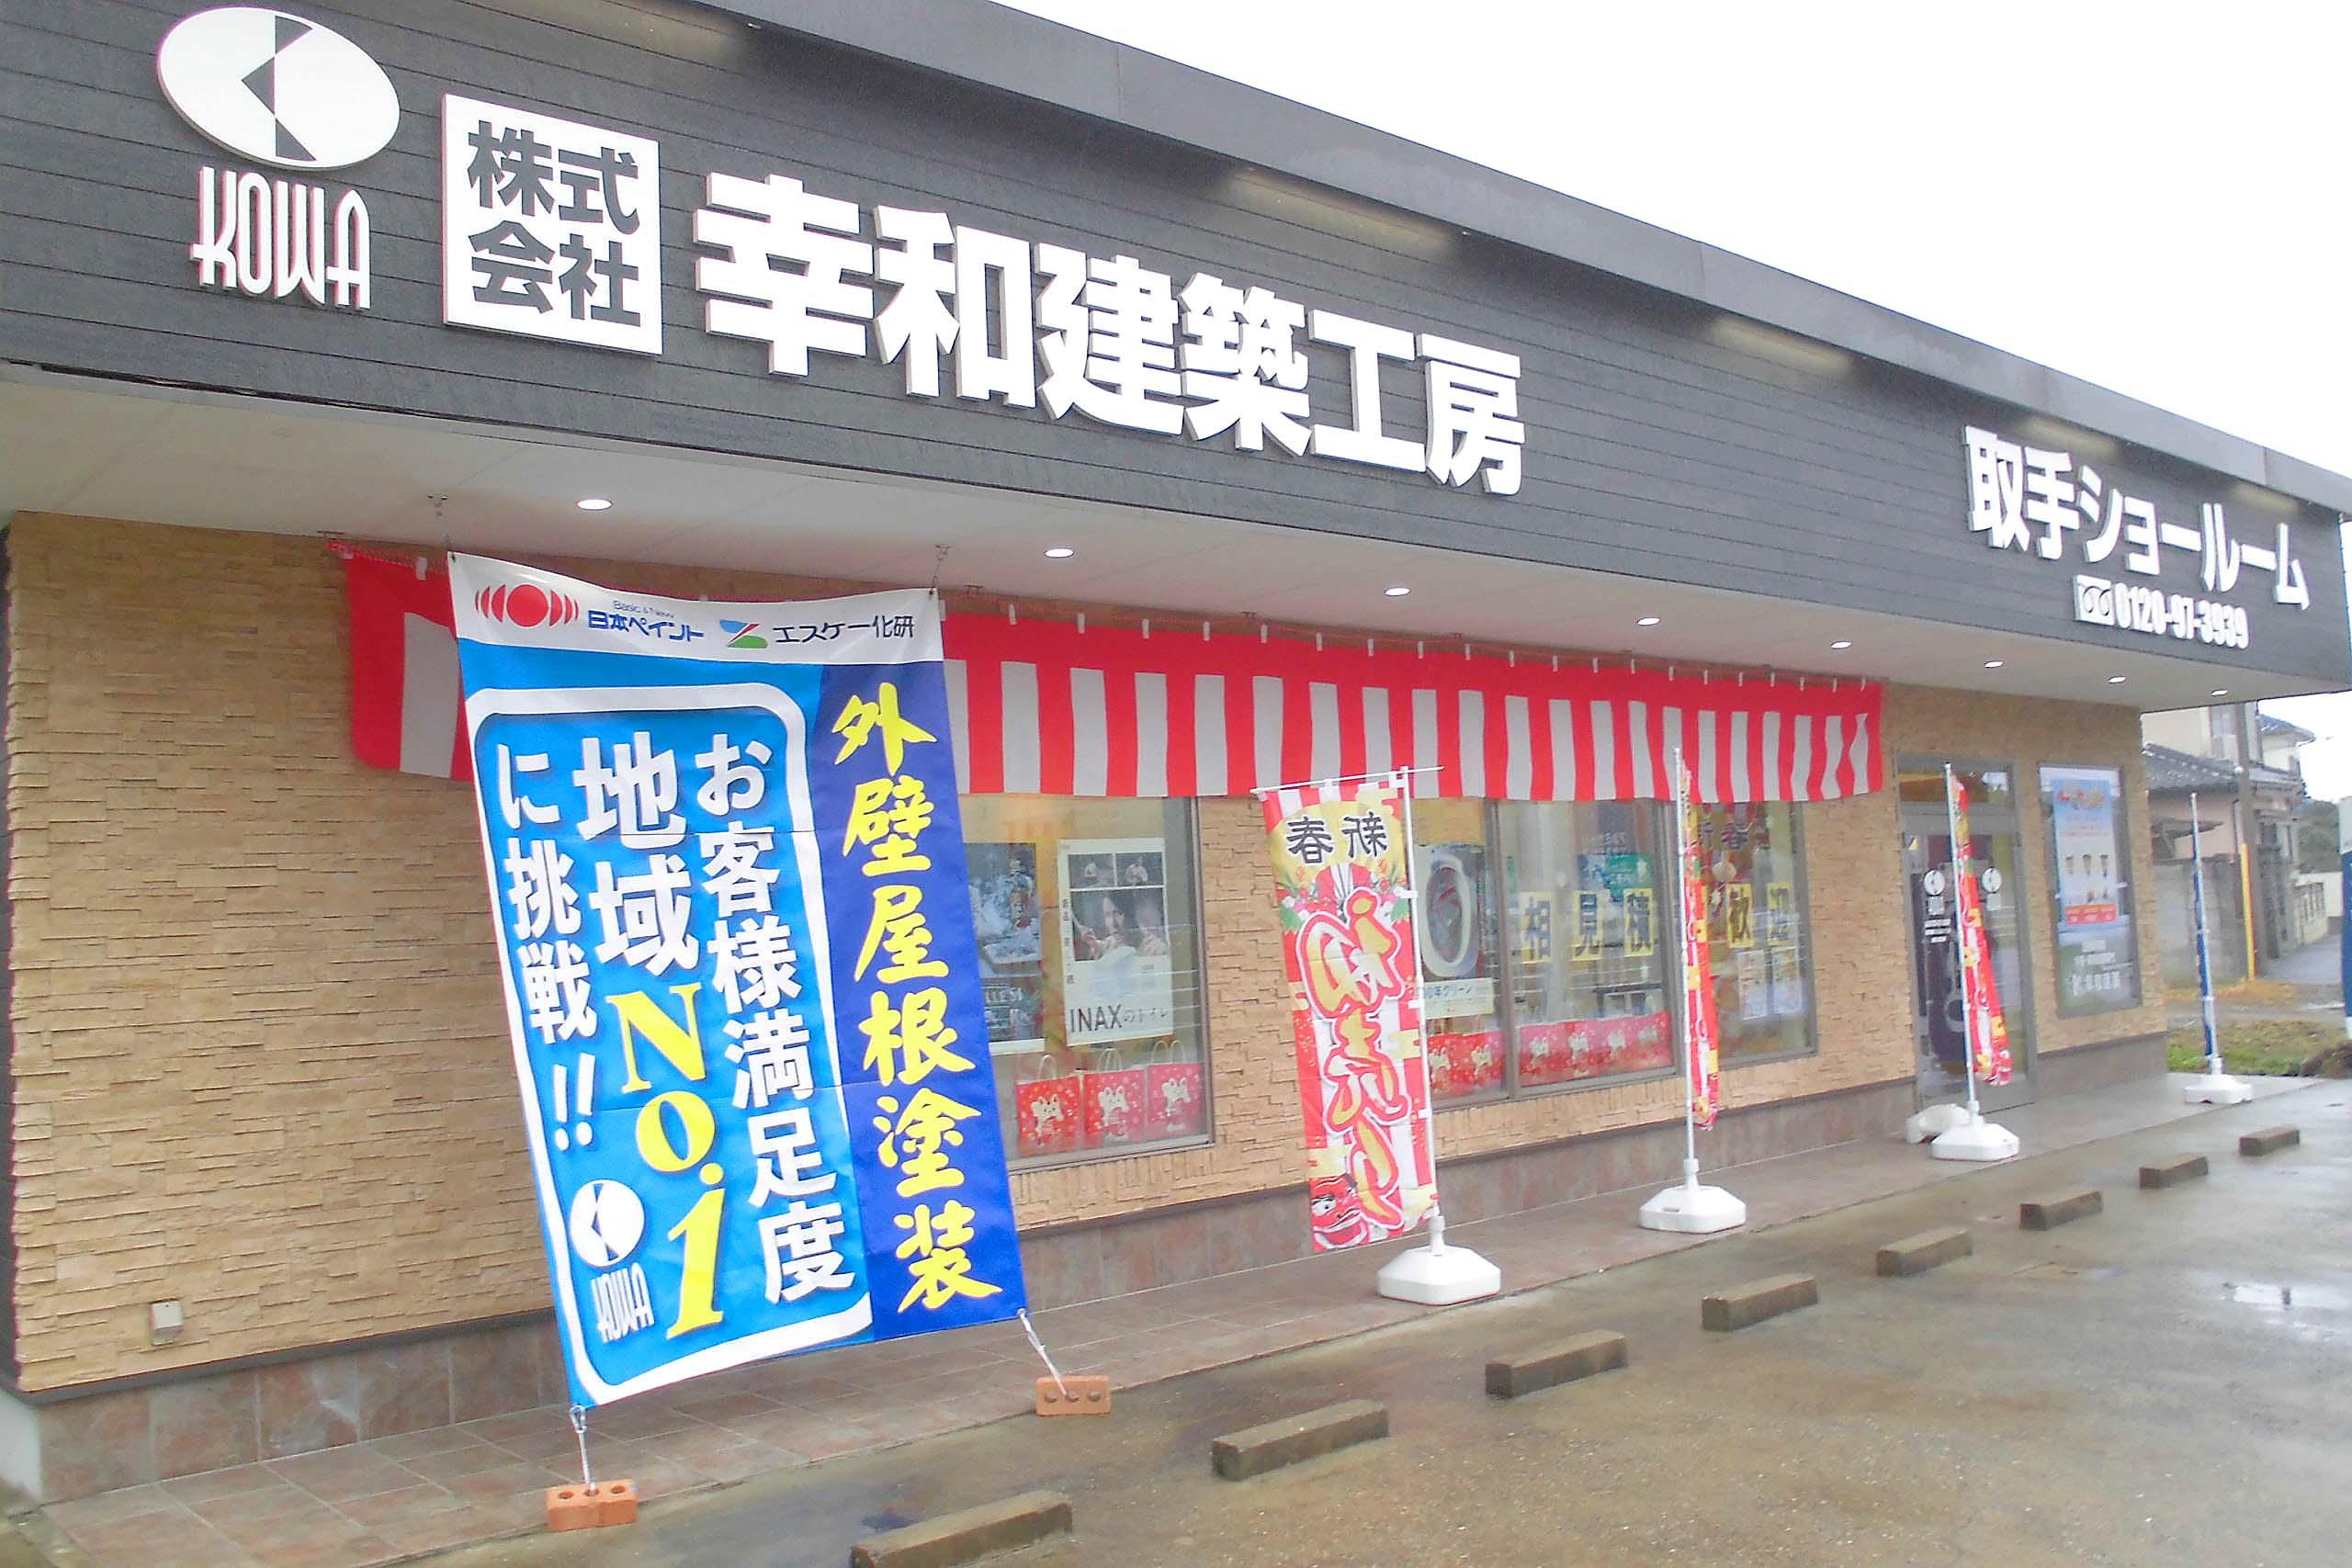 新春! 初売り!!page-visual 新春! 初売り!!ビジュアル